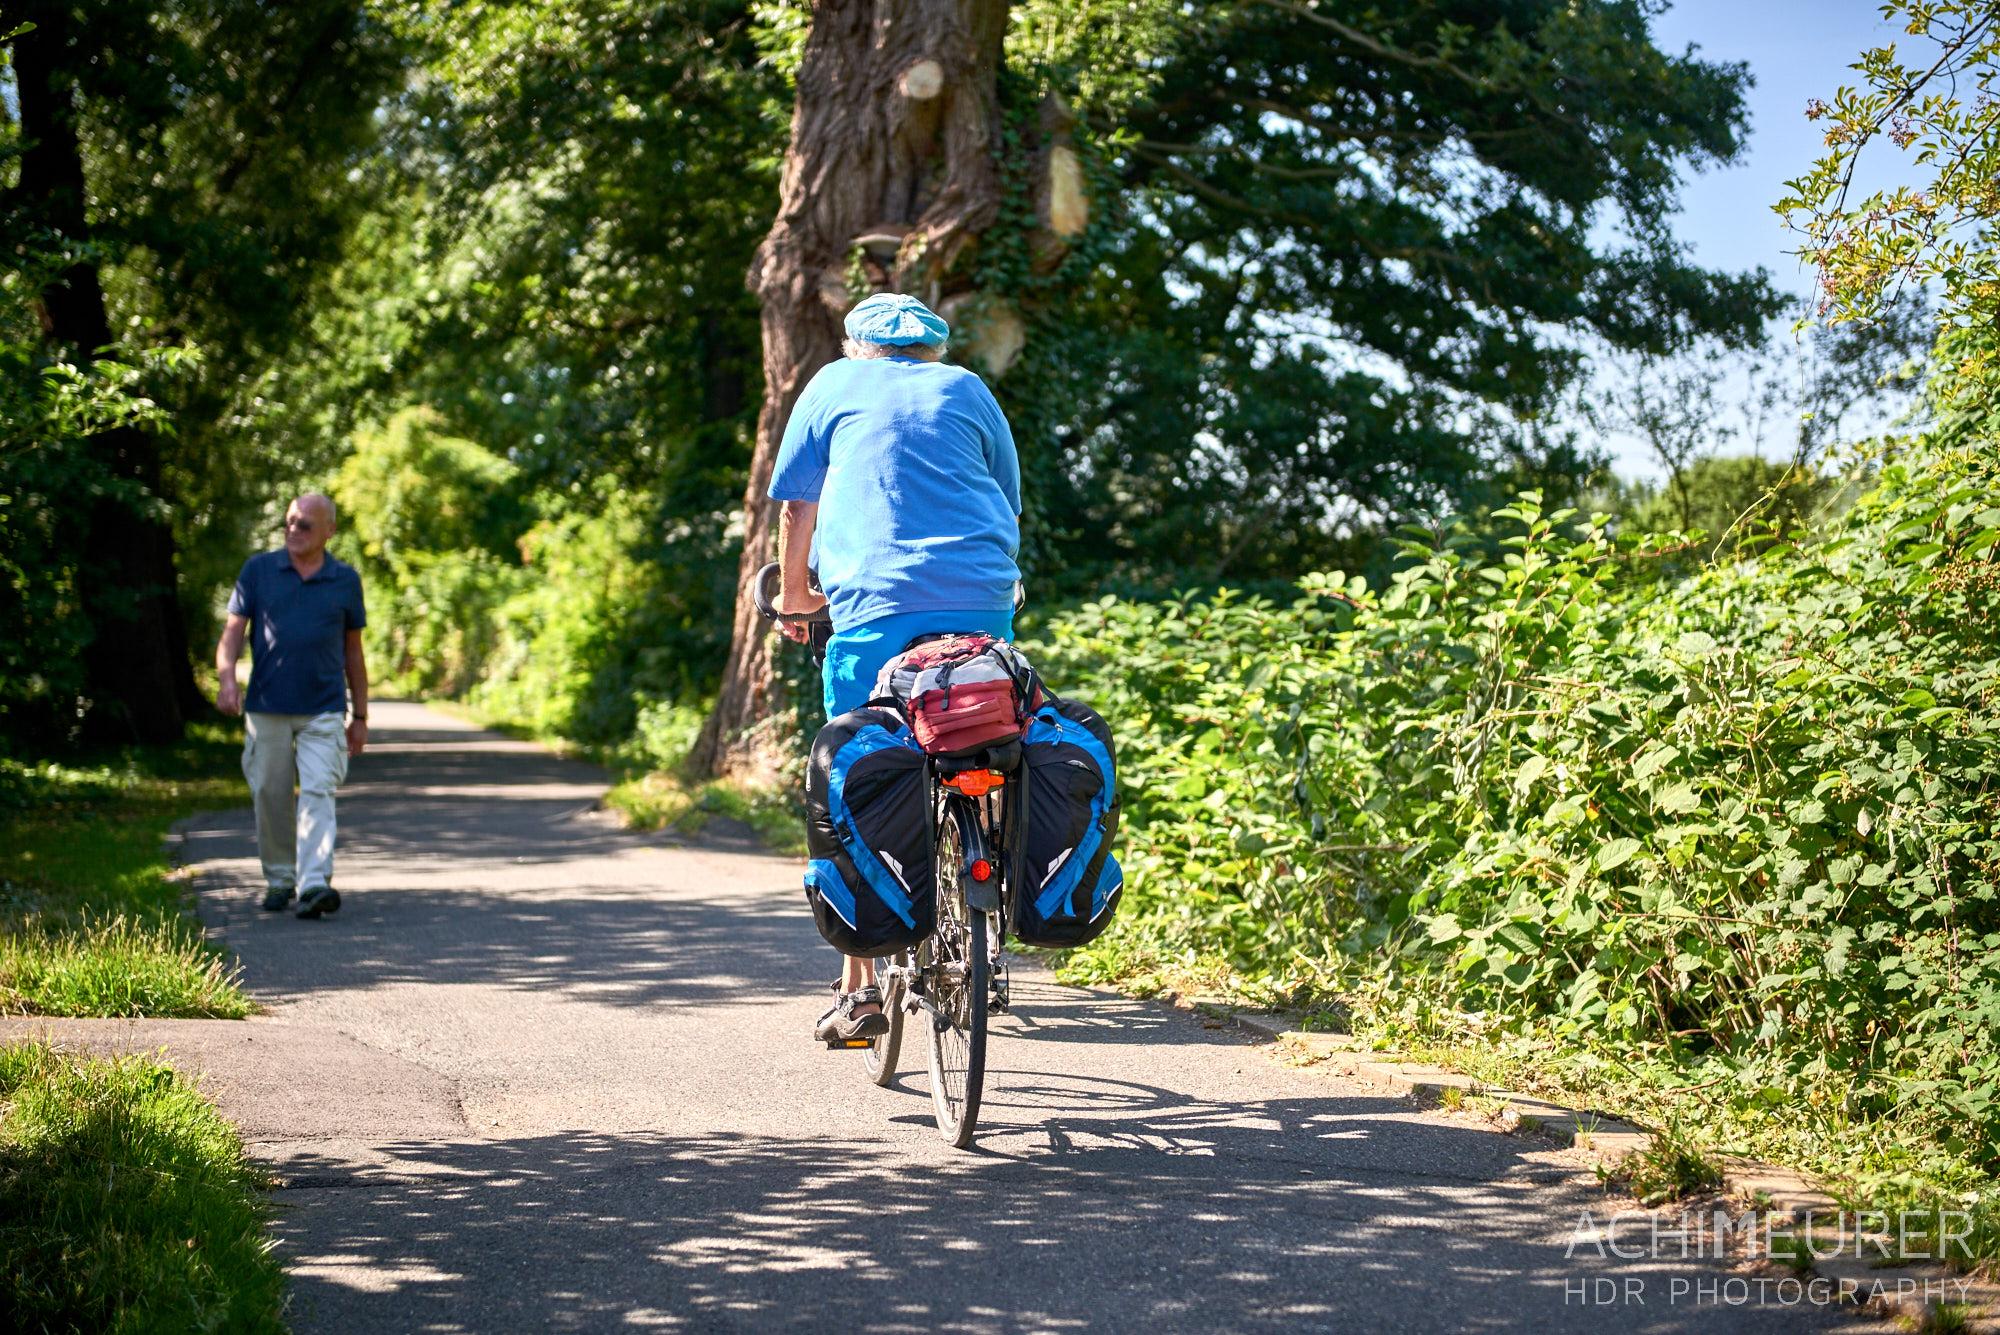 Fahrradtour Mülheim - Kettwig - Mülheim a.d. Ruhr, Ruhrgebiet, NRW by AchimMeurer.com .